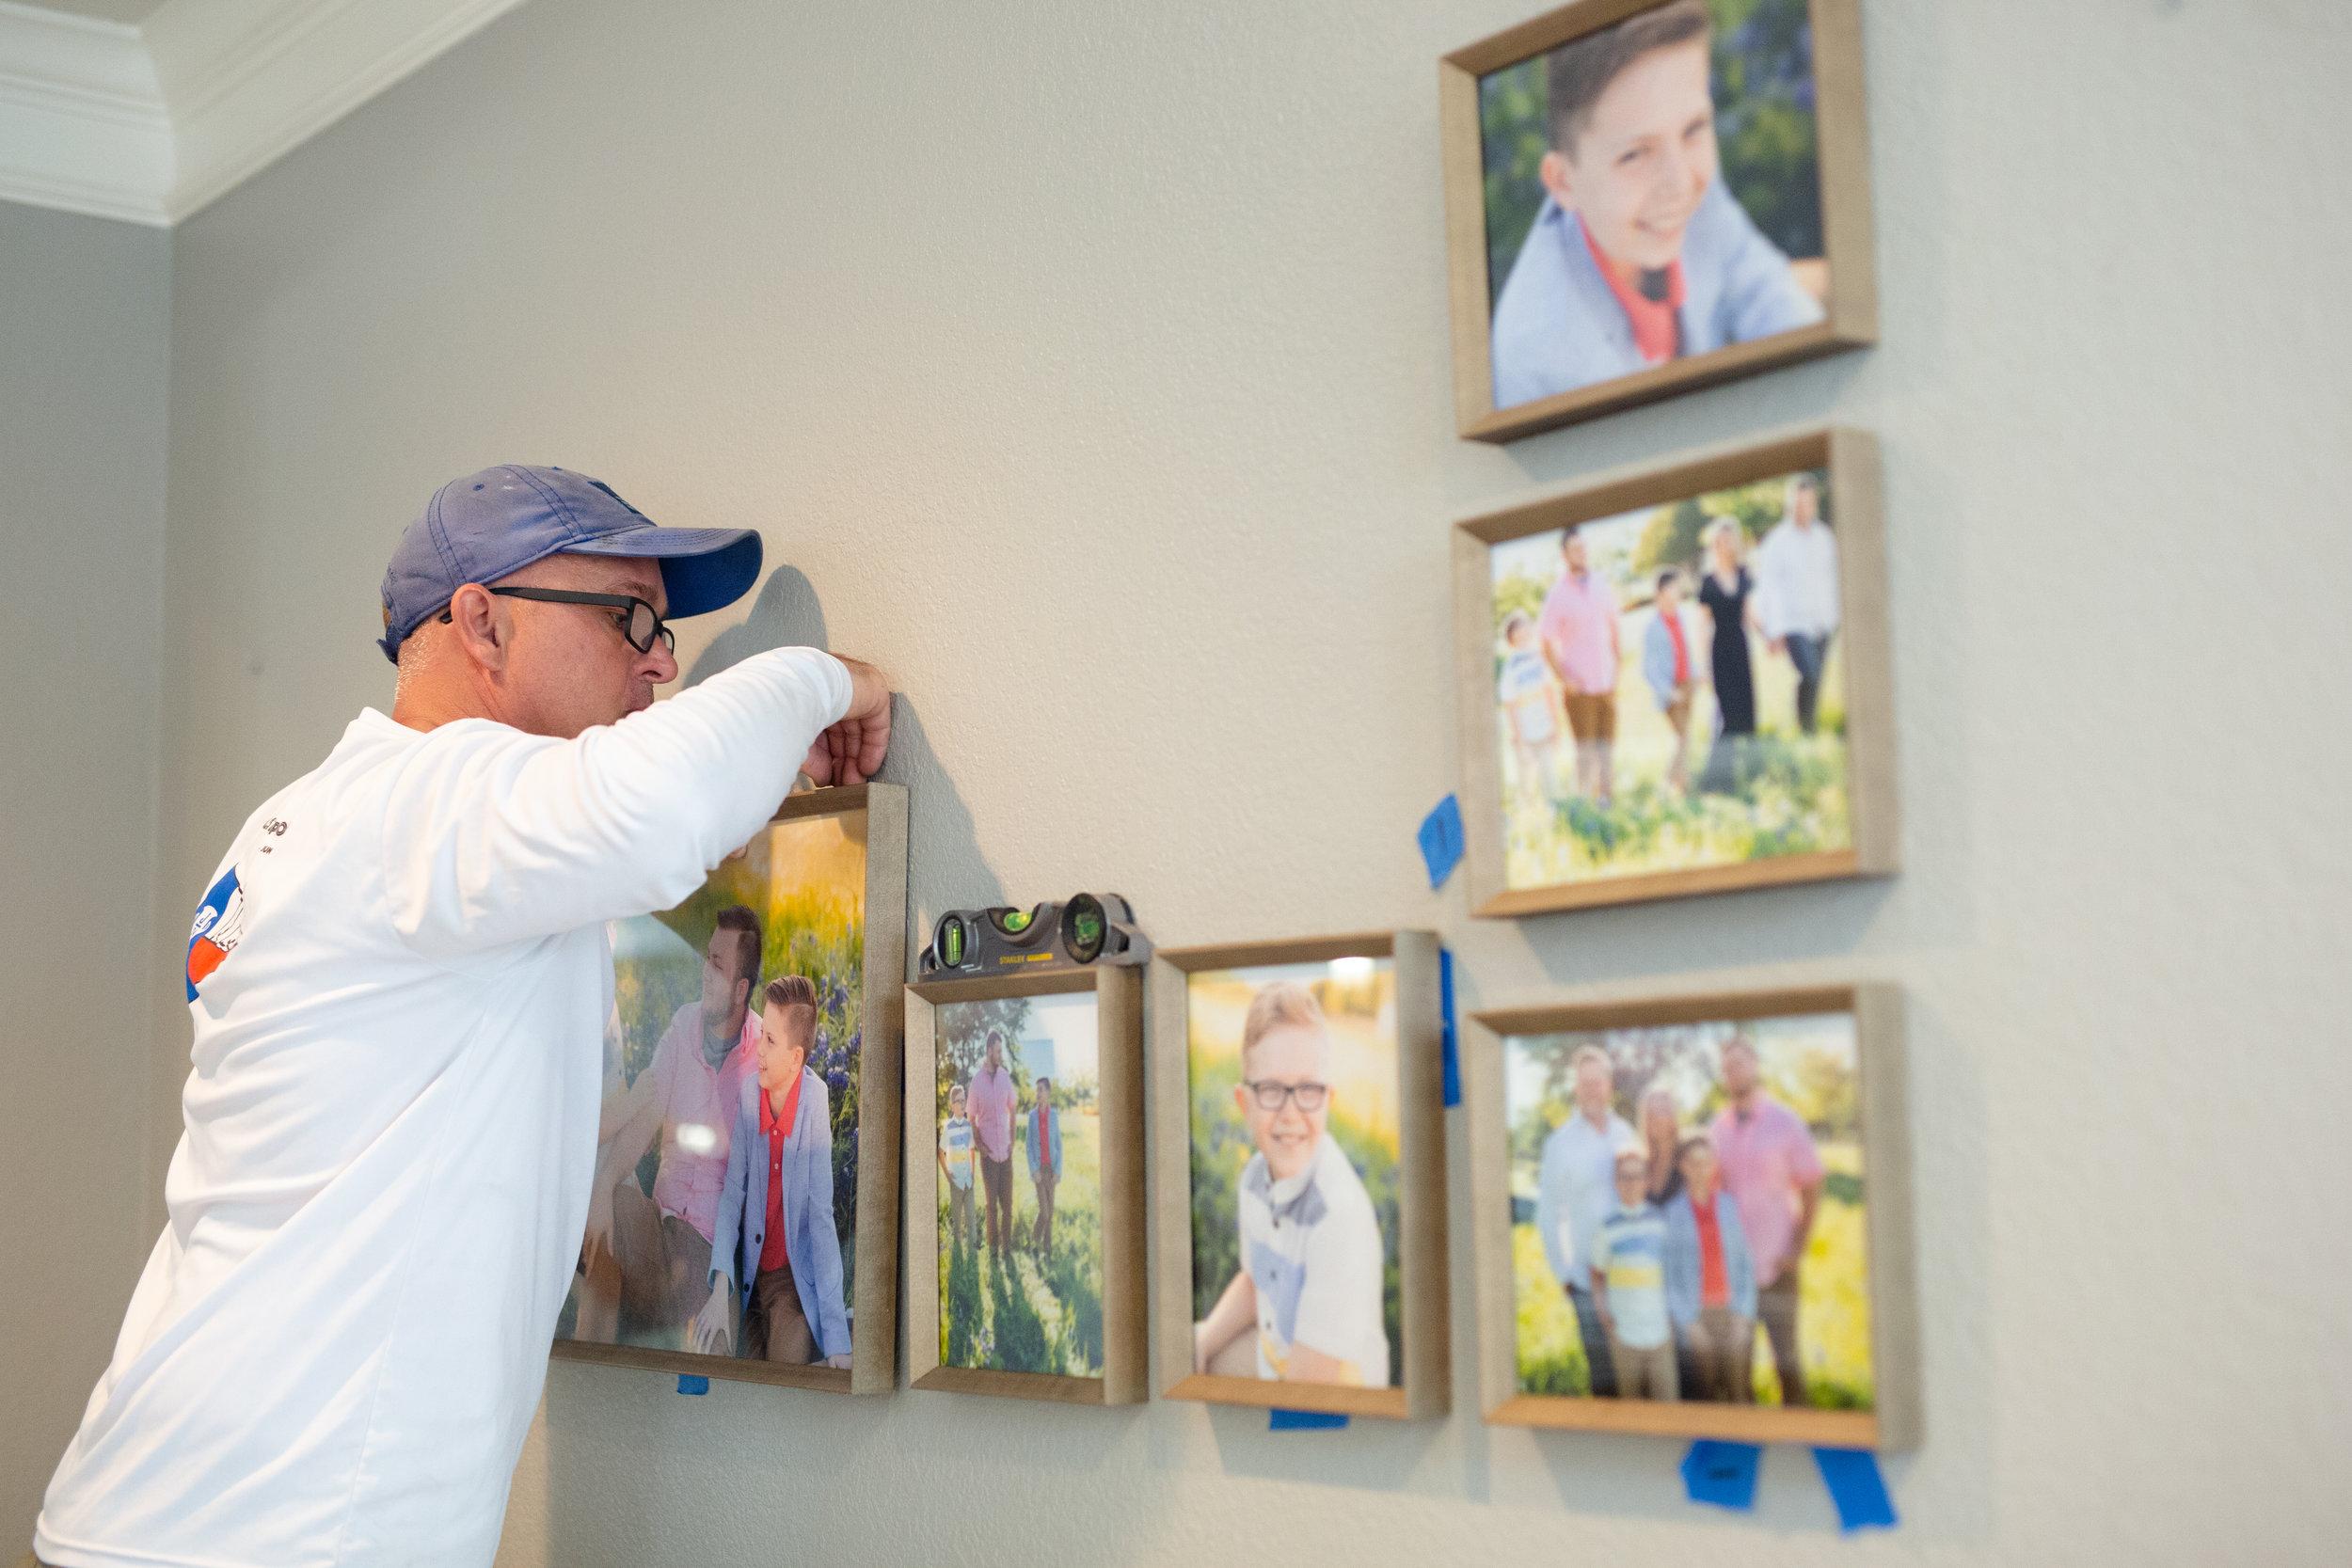 David: Gallery Installer